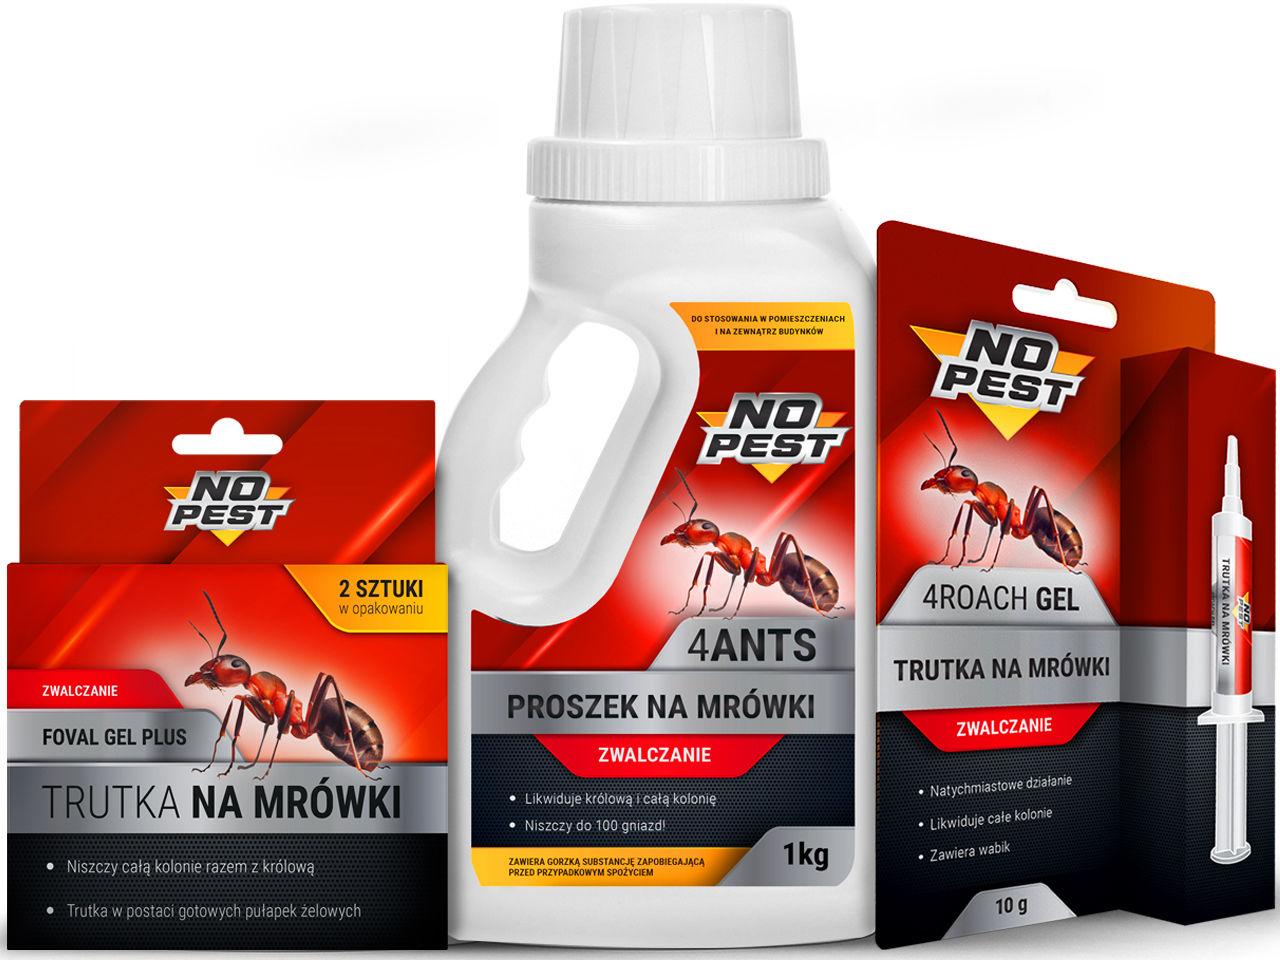 Środki na mrówki NO PEST. Proszek, trutka, pułapka na mrówki w domu, ogrodzie.